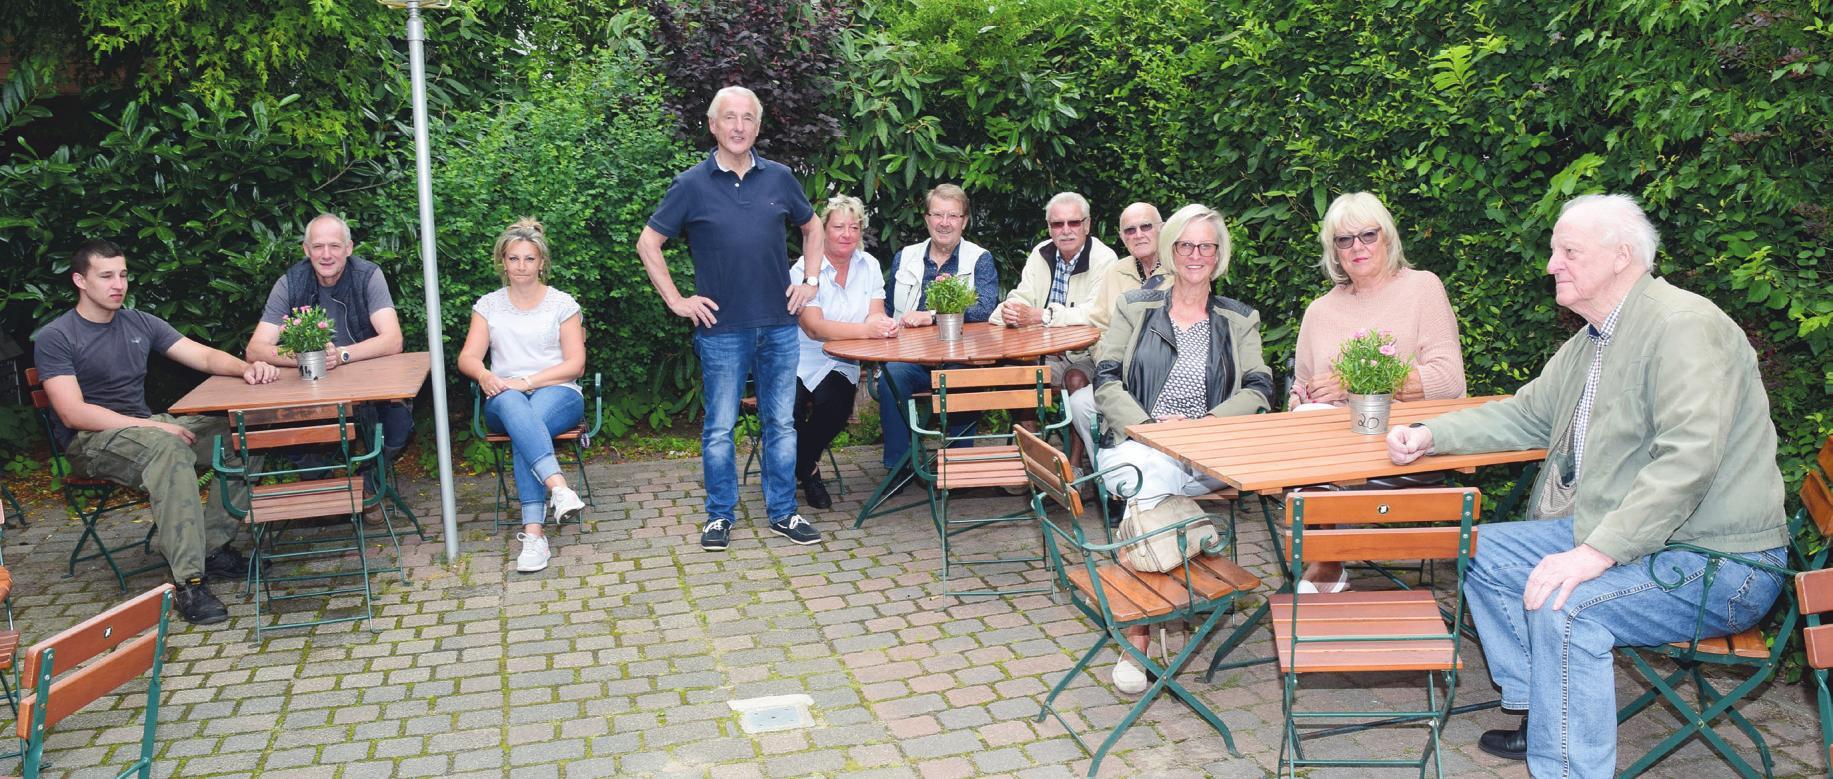 """Im gemütlichen Biergarten des Restaurants """"Reitstall Klövensteen"""" lässt es sich auch in großer Runde gut aushalten, und der Chef Peter Gnewuch (stehend) begrüßt hier gern seine Gäste Fotos: Klein (4), Privat (1)"""